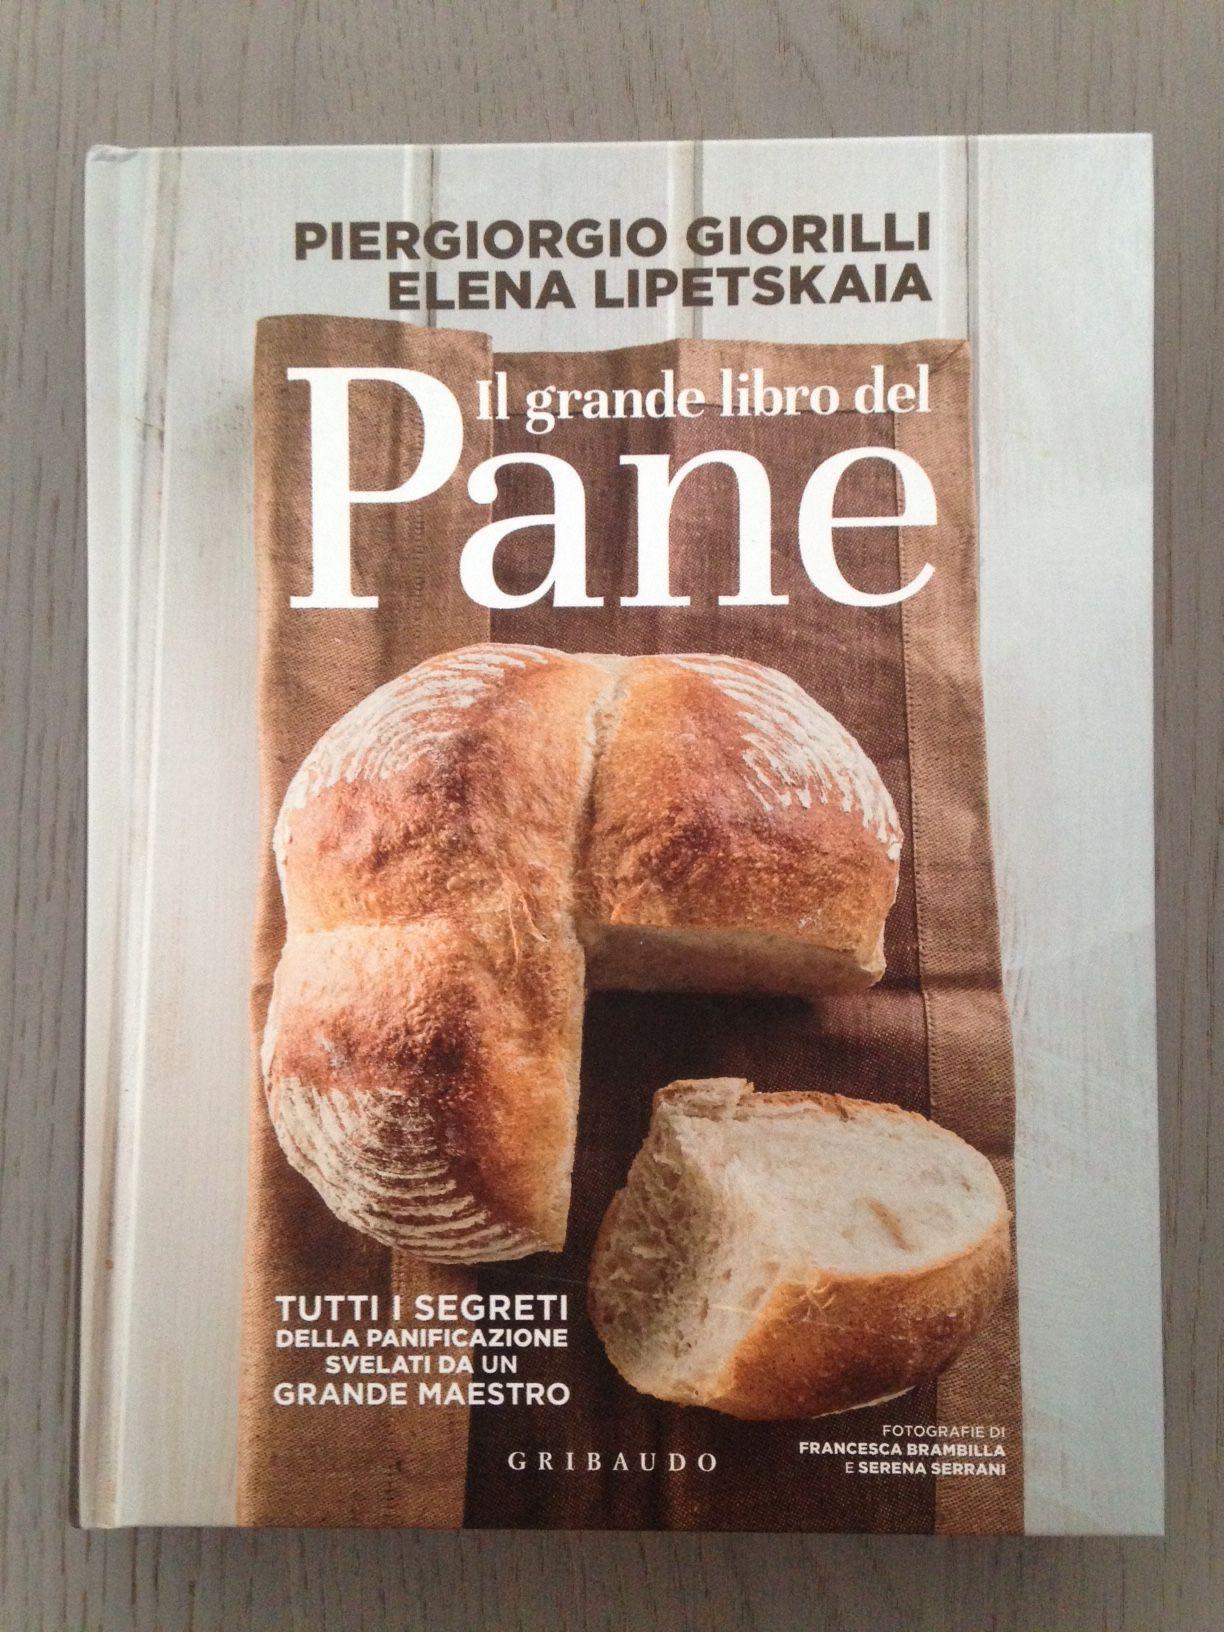 I Segreti Del Pane il grande libro del pane, by piergiorgio giorilli and elena